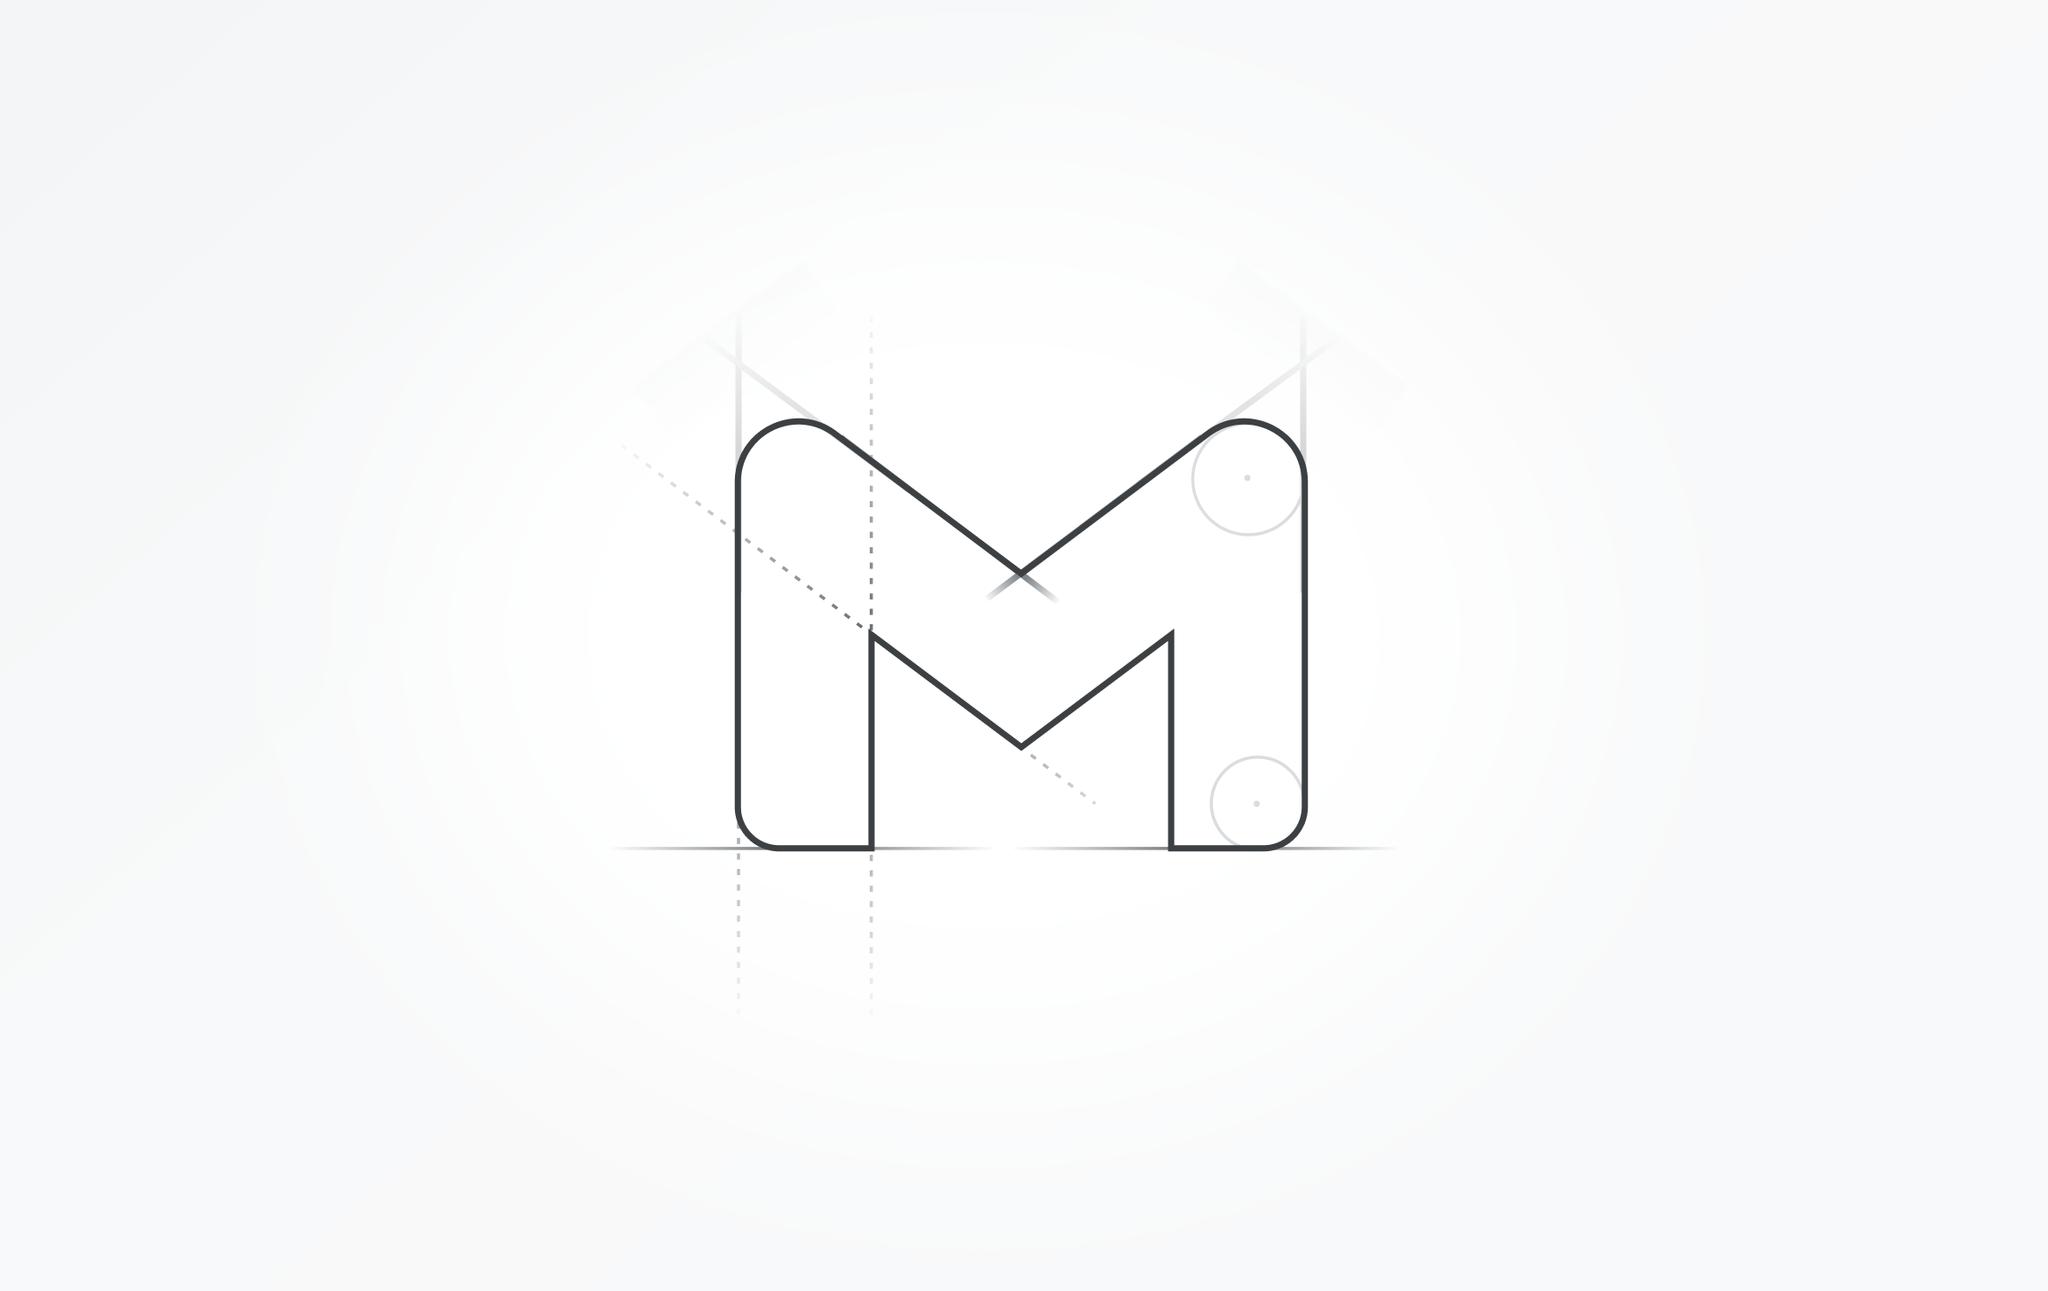 Questo potrebbe essere il nuovo logo di Gmail: continua l'evoluzione del popolare client (foto)